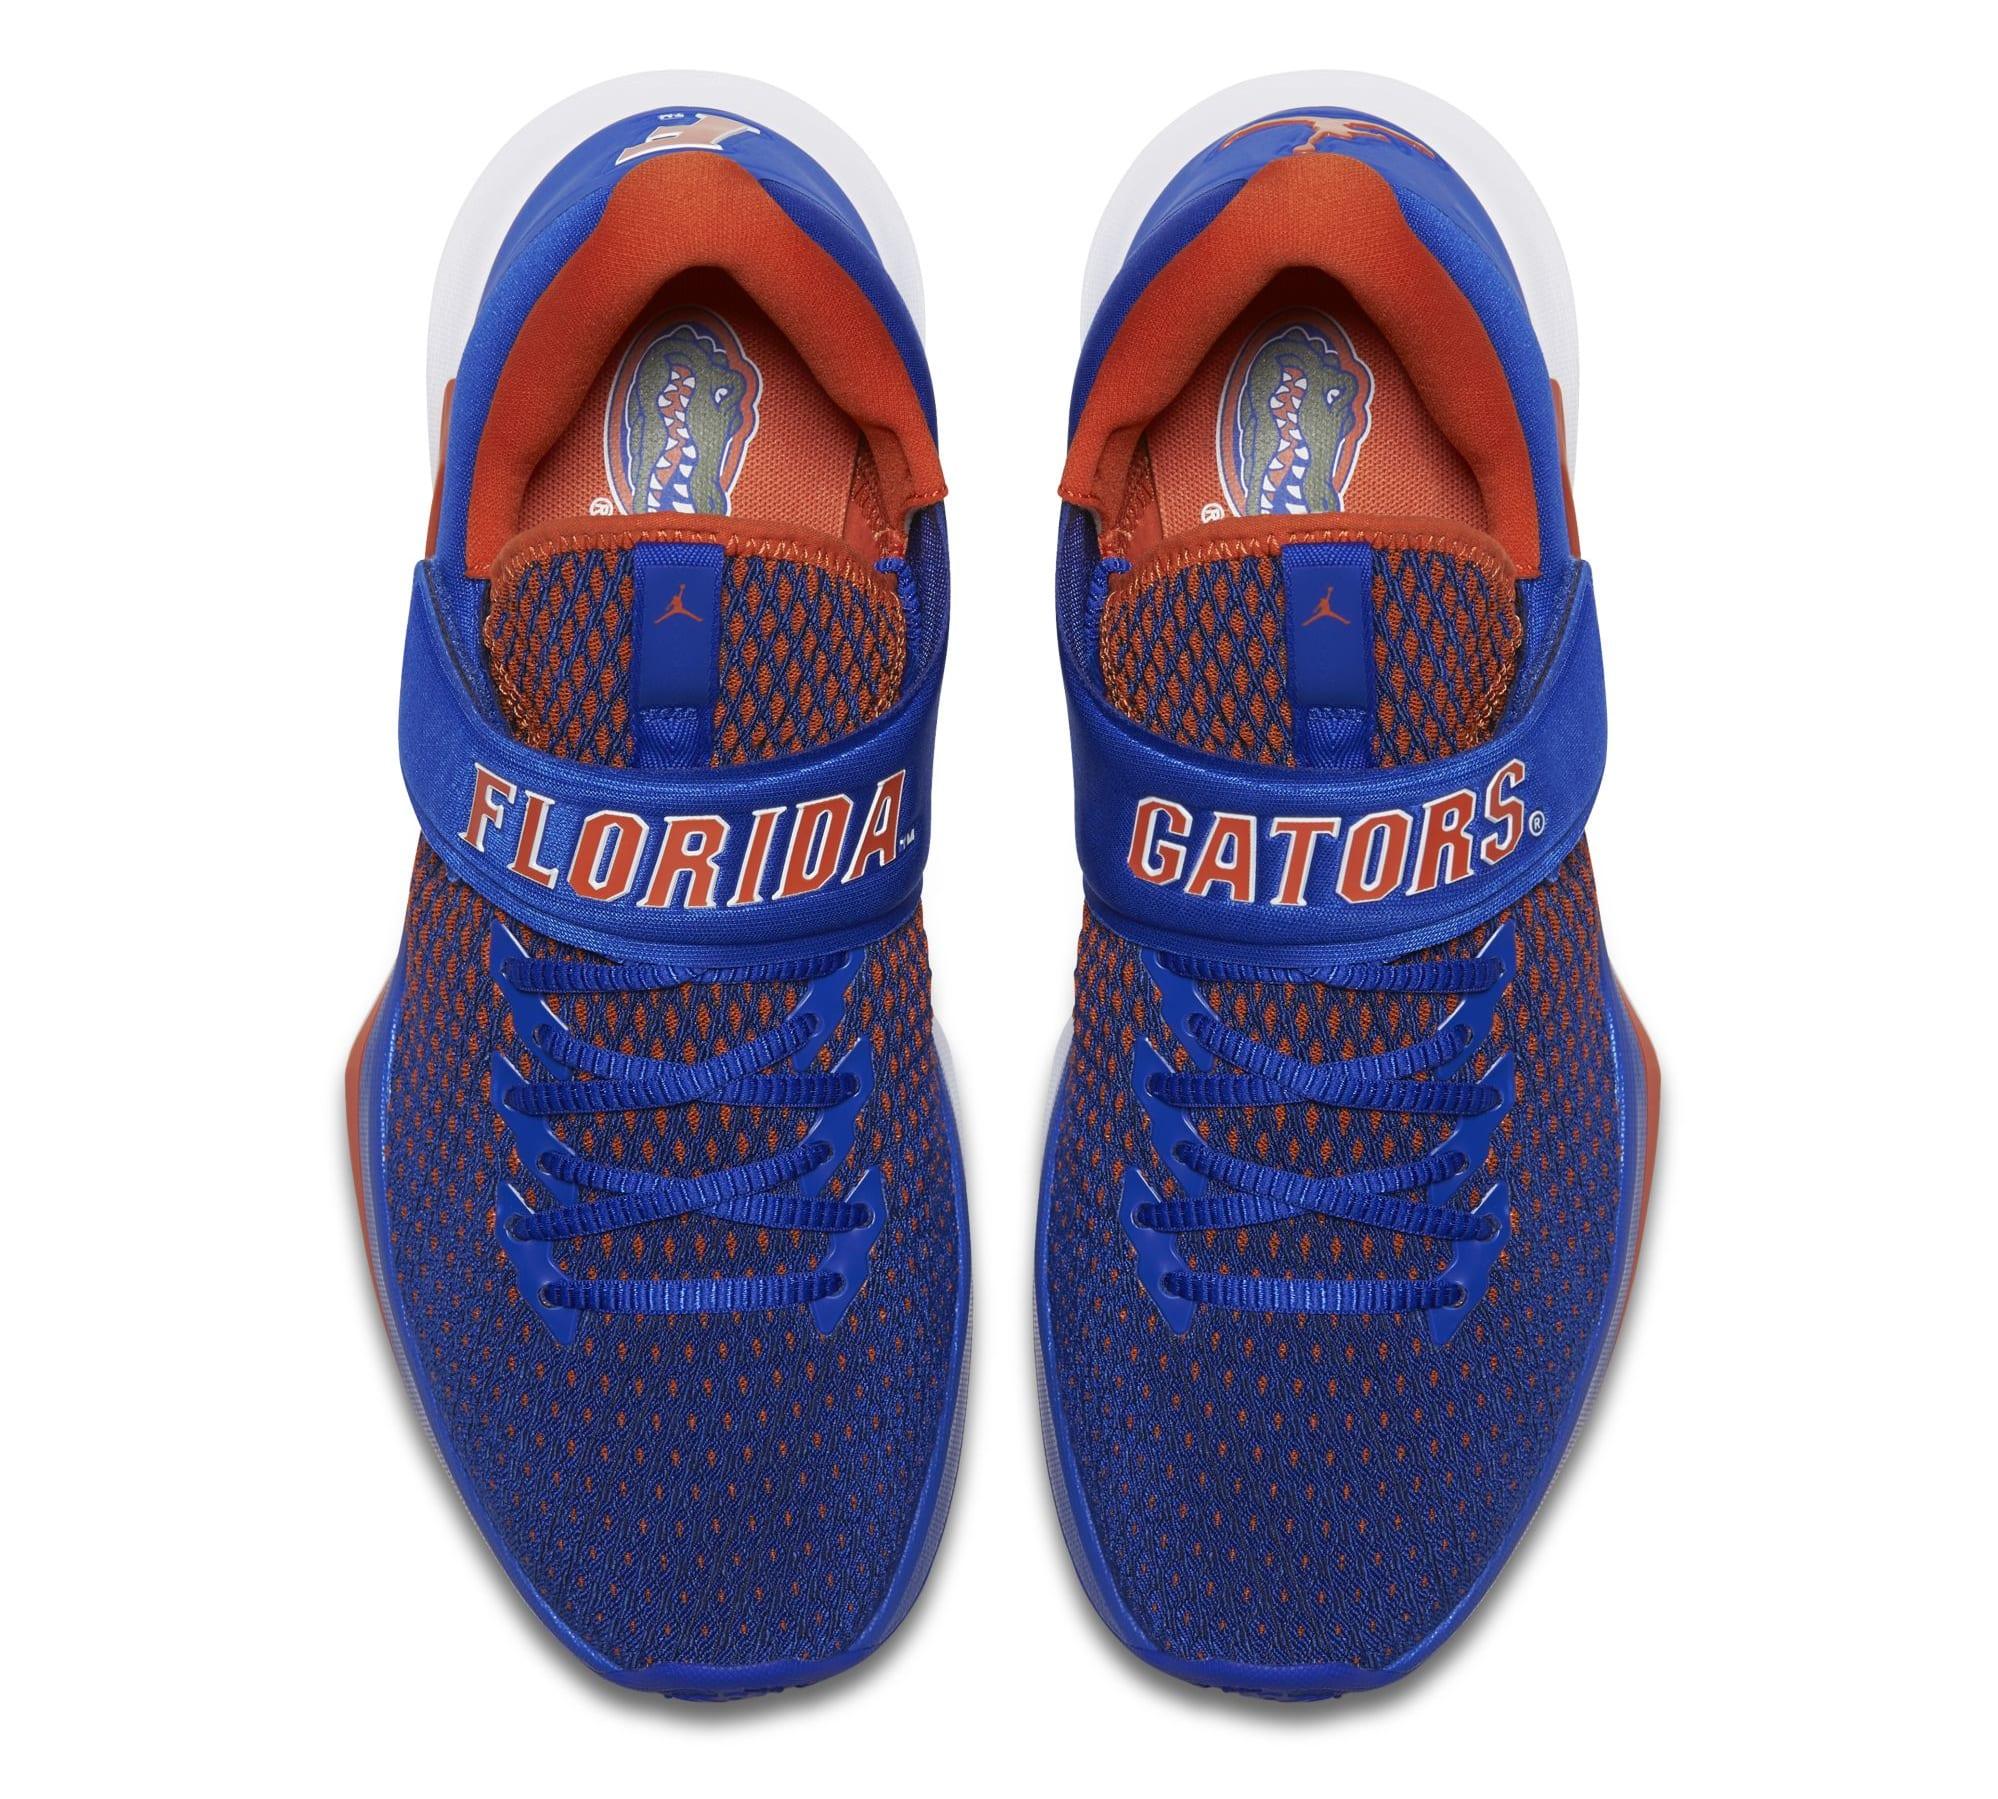 Jordan Trainer 3 Florida Gators Top